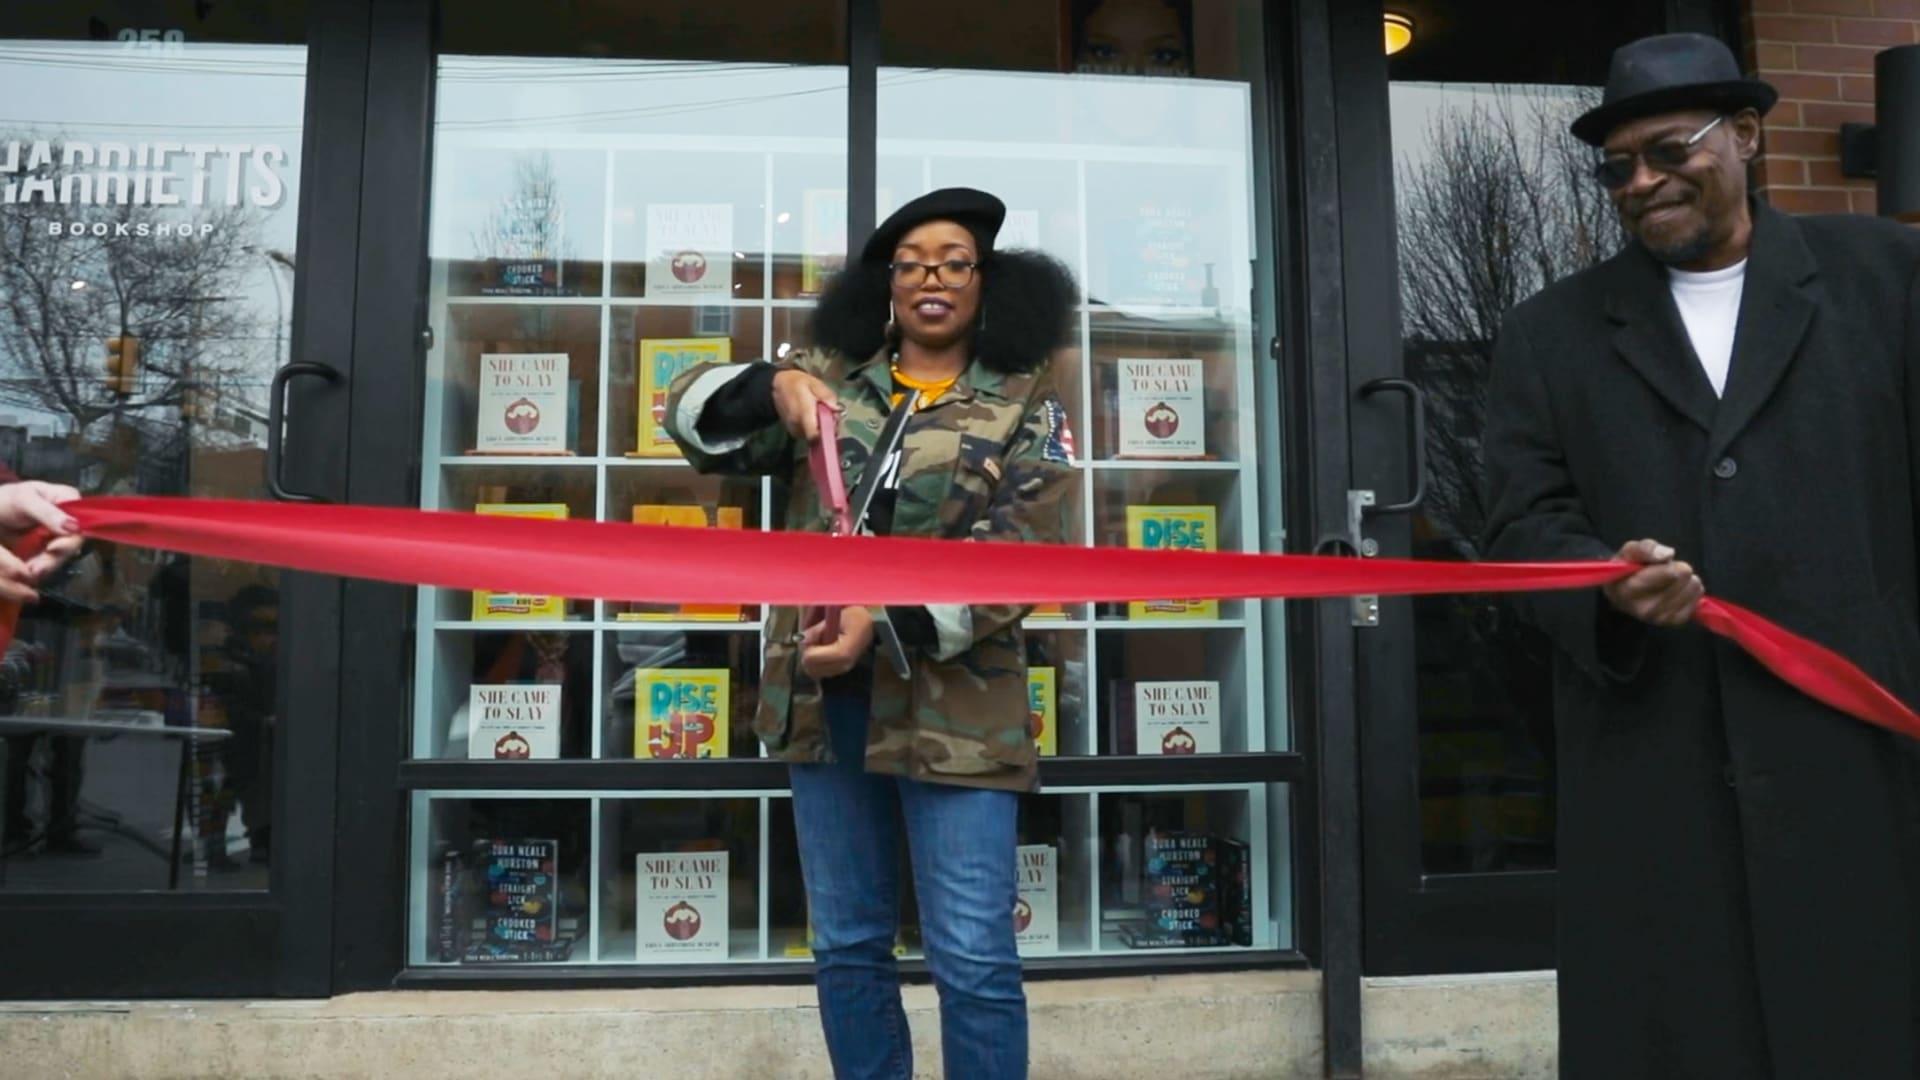 Jeannine Cook, Owner of Harriett's Bookshop.